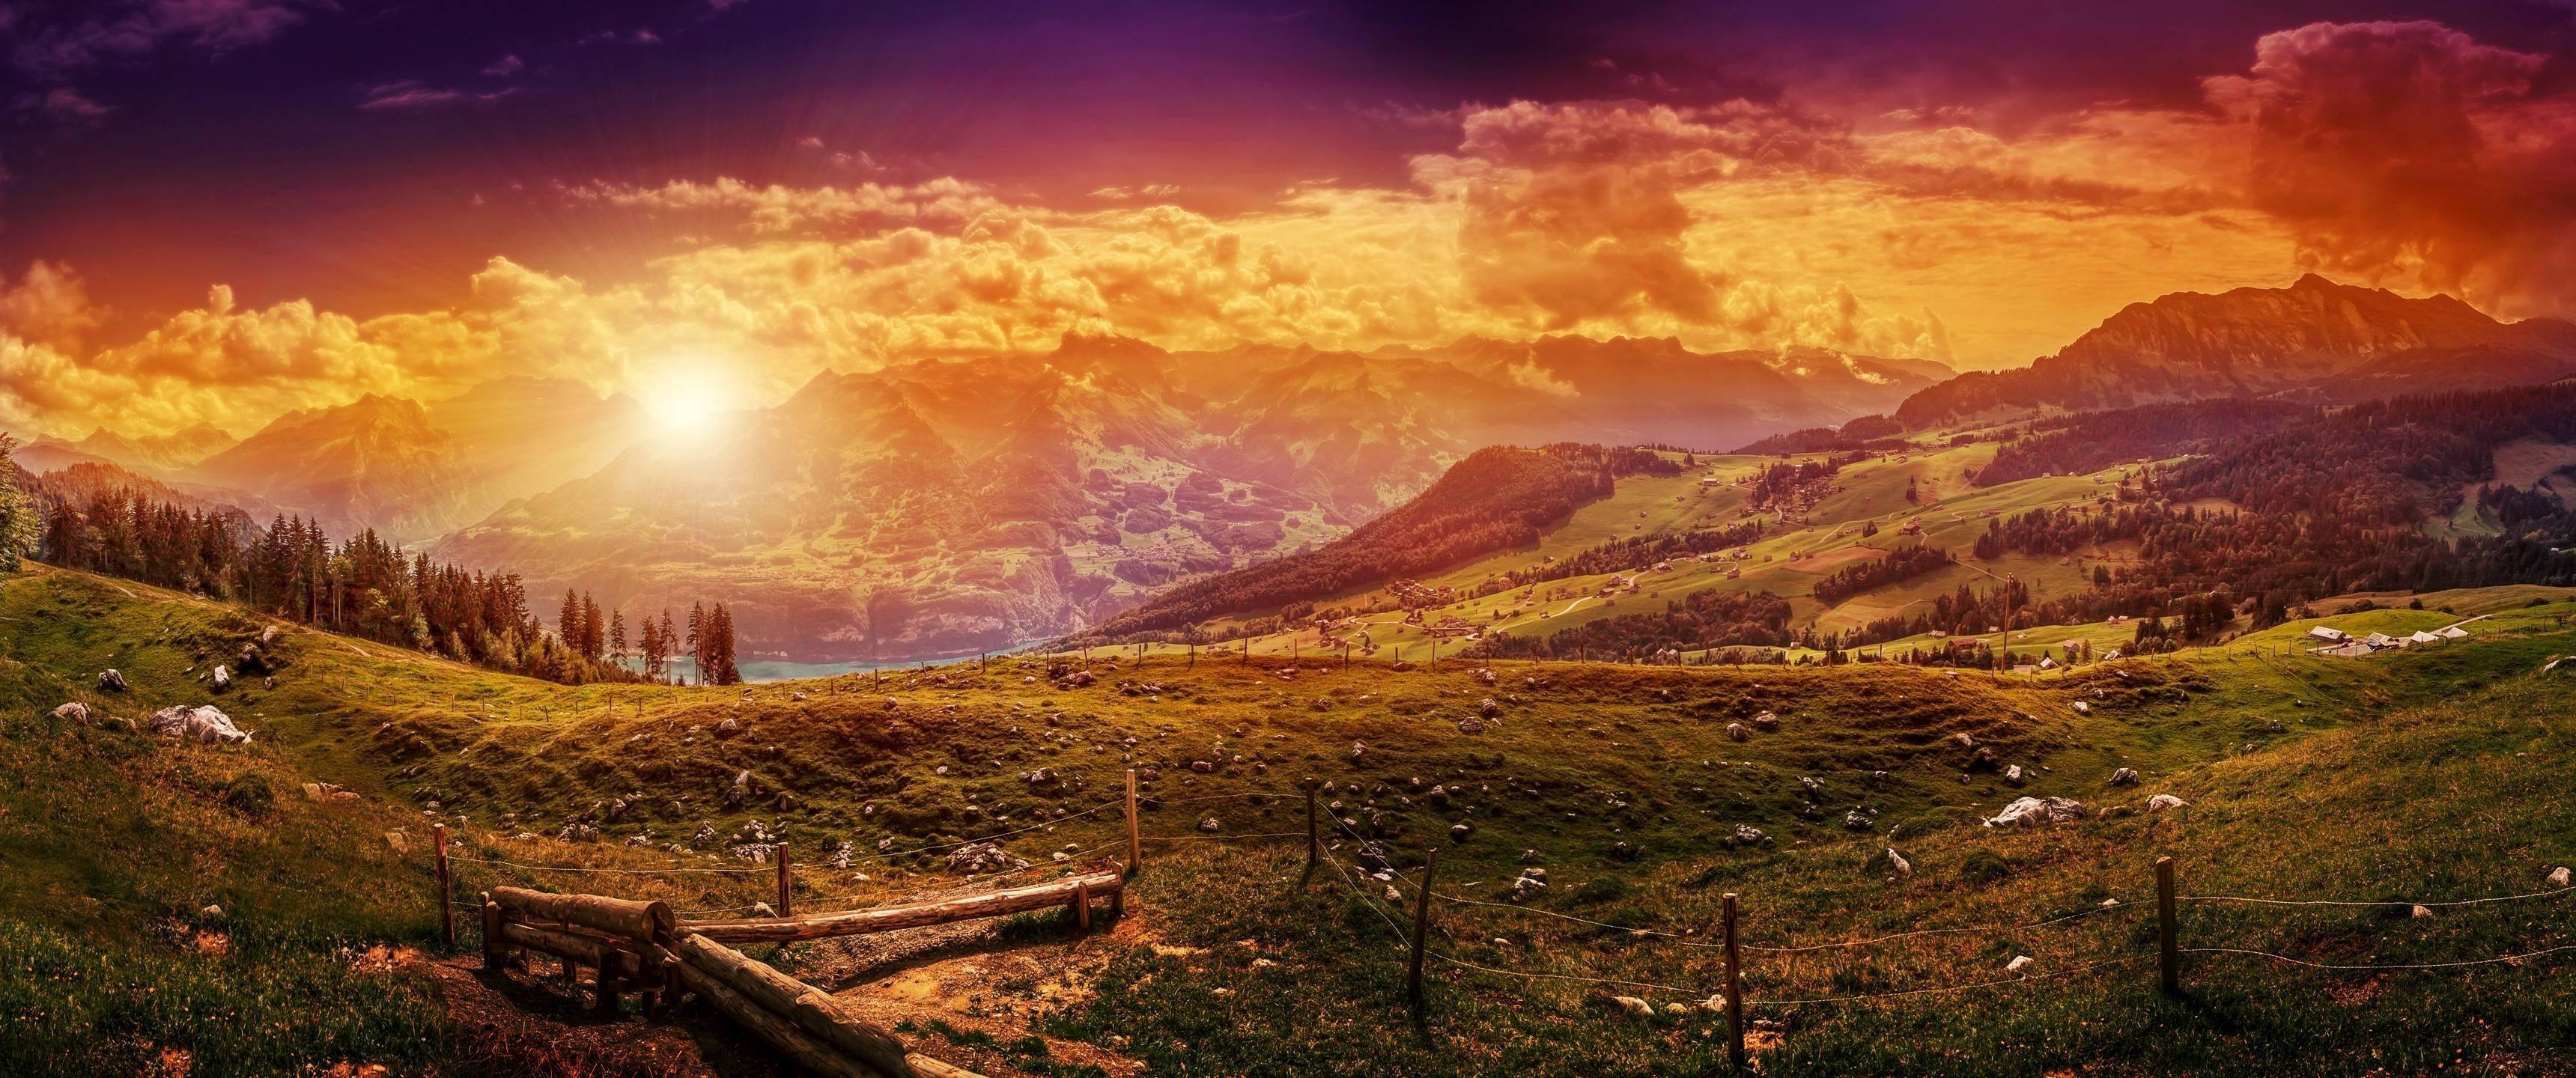 Landscape Wallpaper For Desktop 63 Images